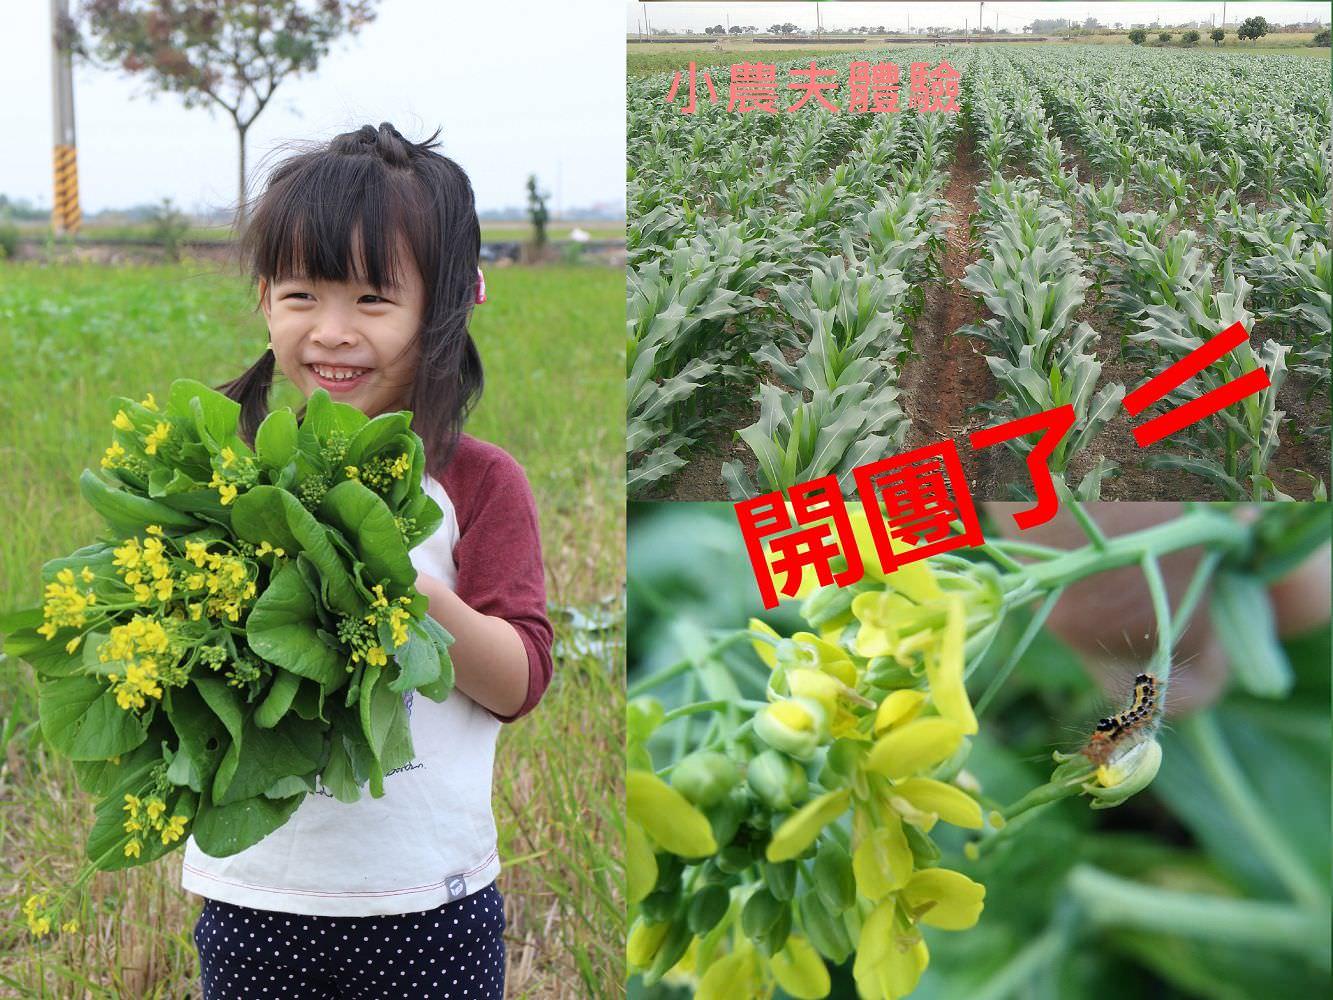 食農教育︱小農夫體驗:一起來認識昆蟲和我們吃的蔬菜,體驗產地到餐桌的概念